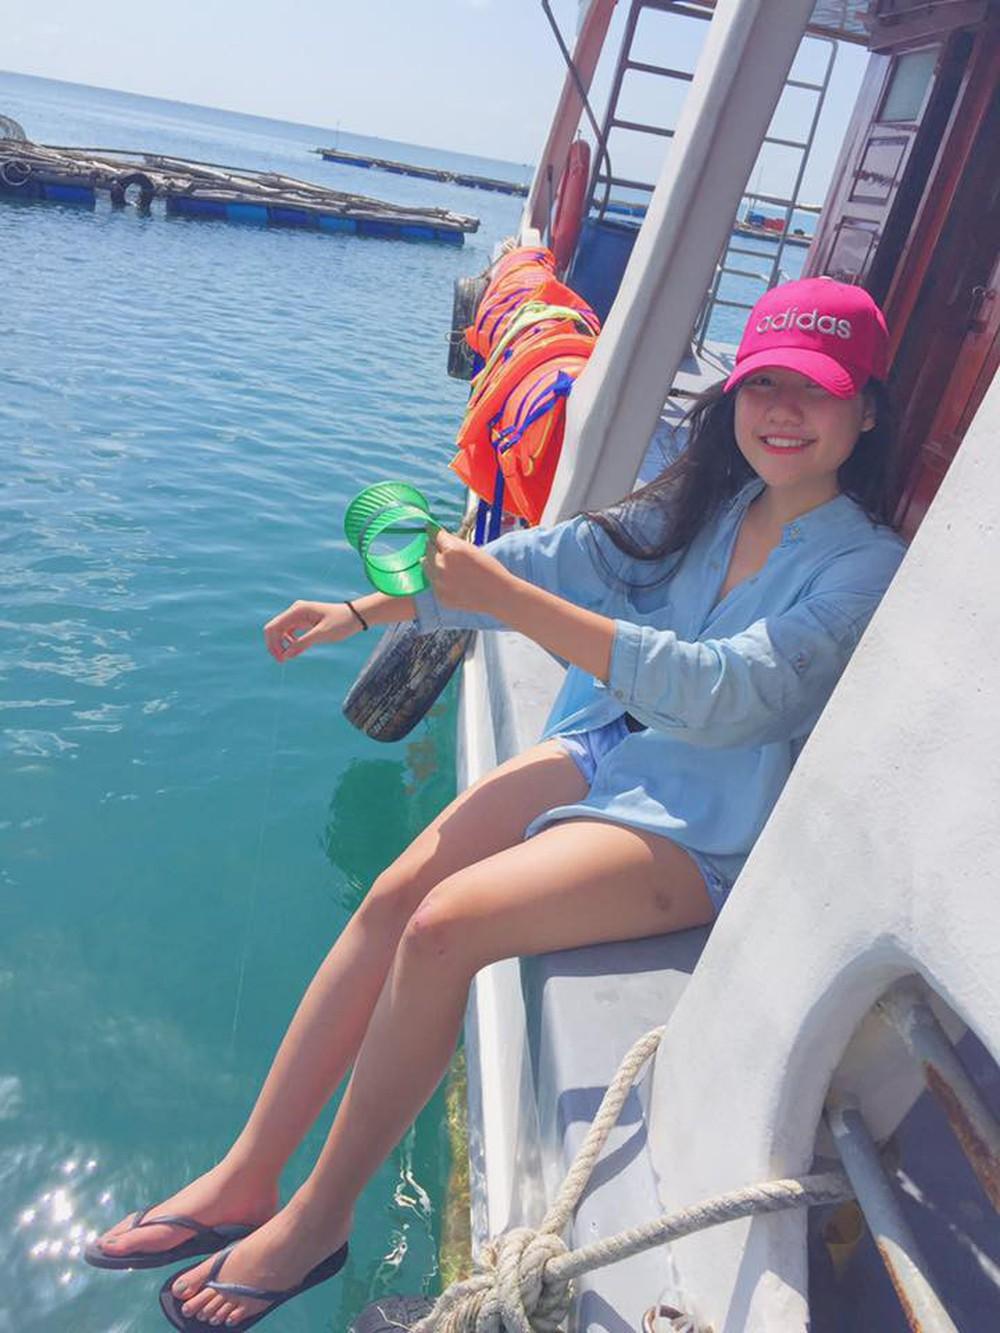 Trấn Thành còn có một cô em gái 19 tuổi xinh xắn chẳng kém gì hot girl! - Ảnh 17.